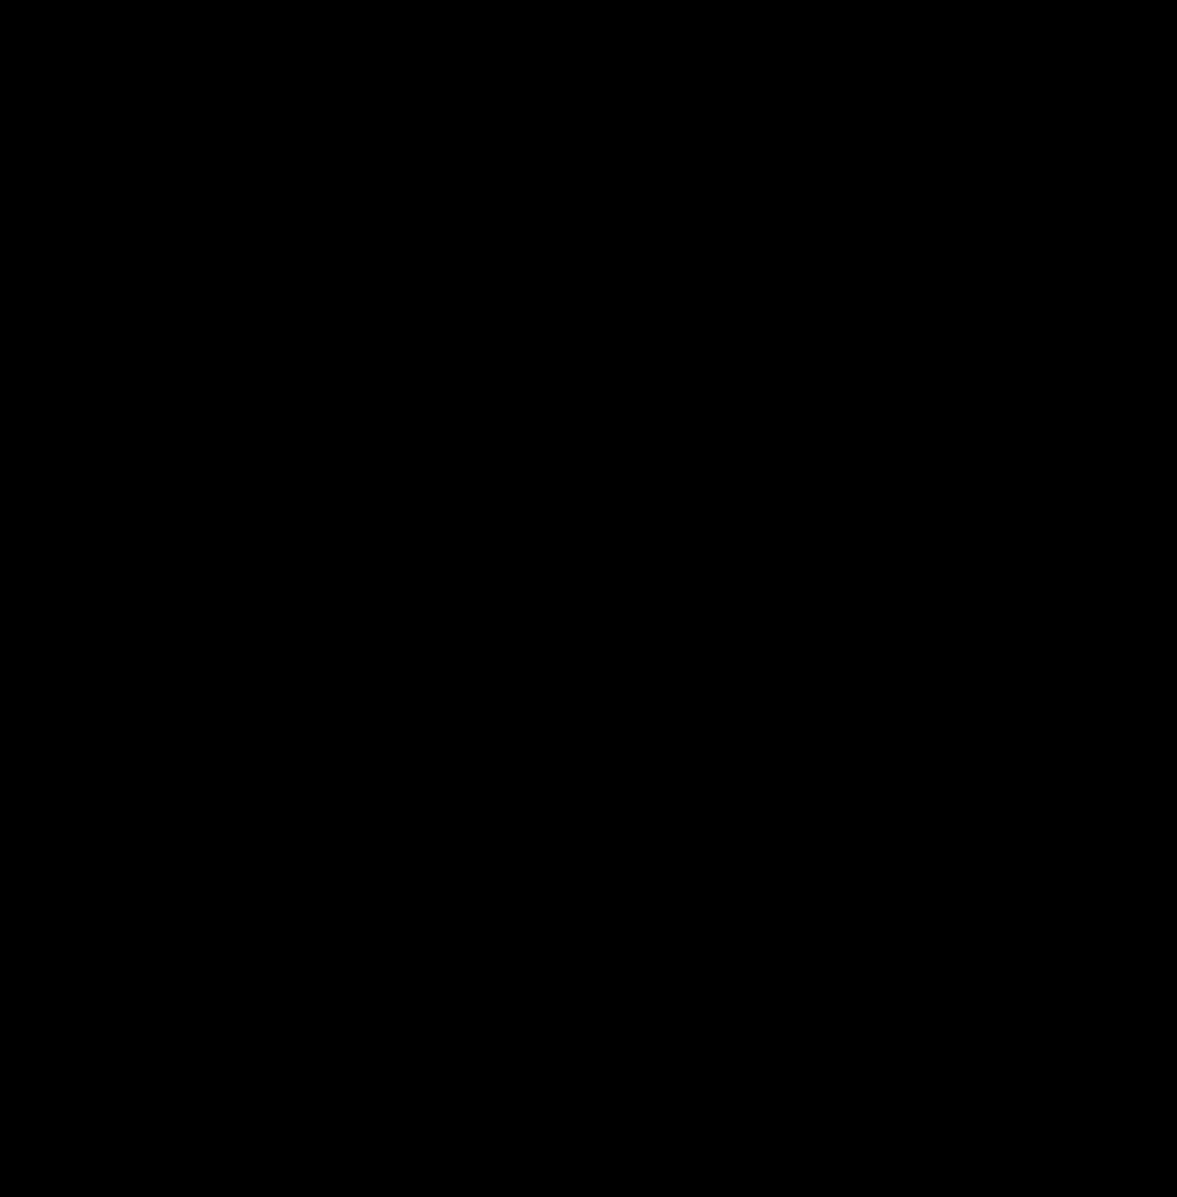 startpageSlider_1_file.png